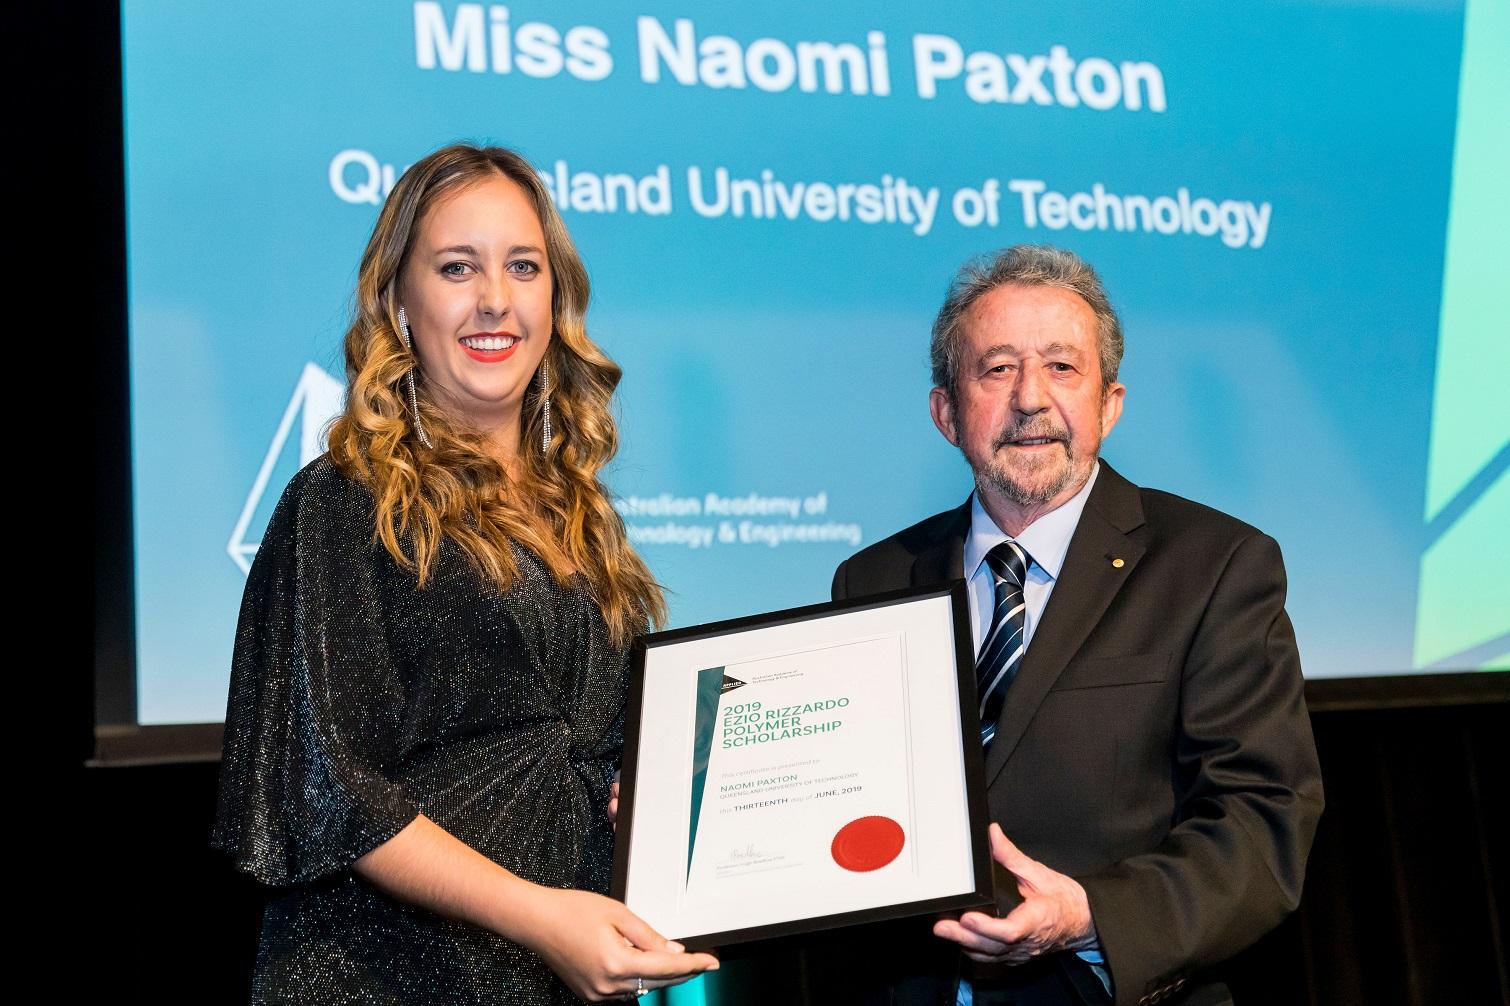 Naomi Paxton receives her award from Ezio Rizzardo